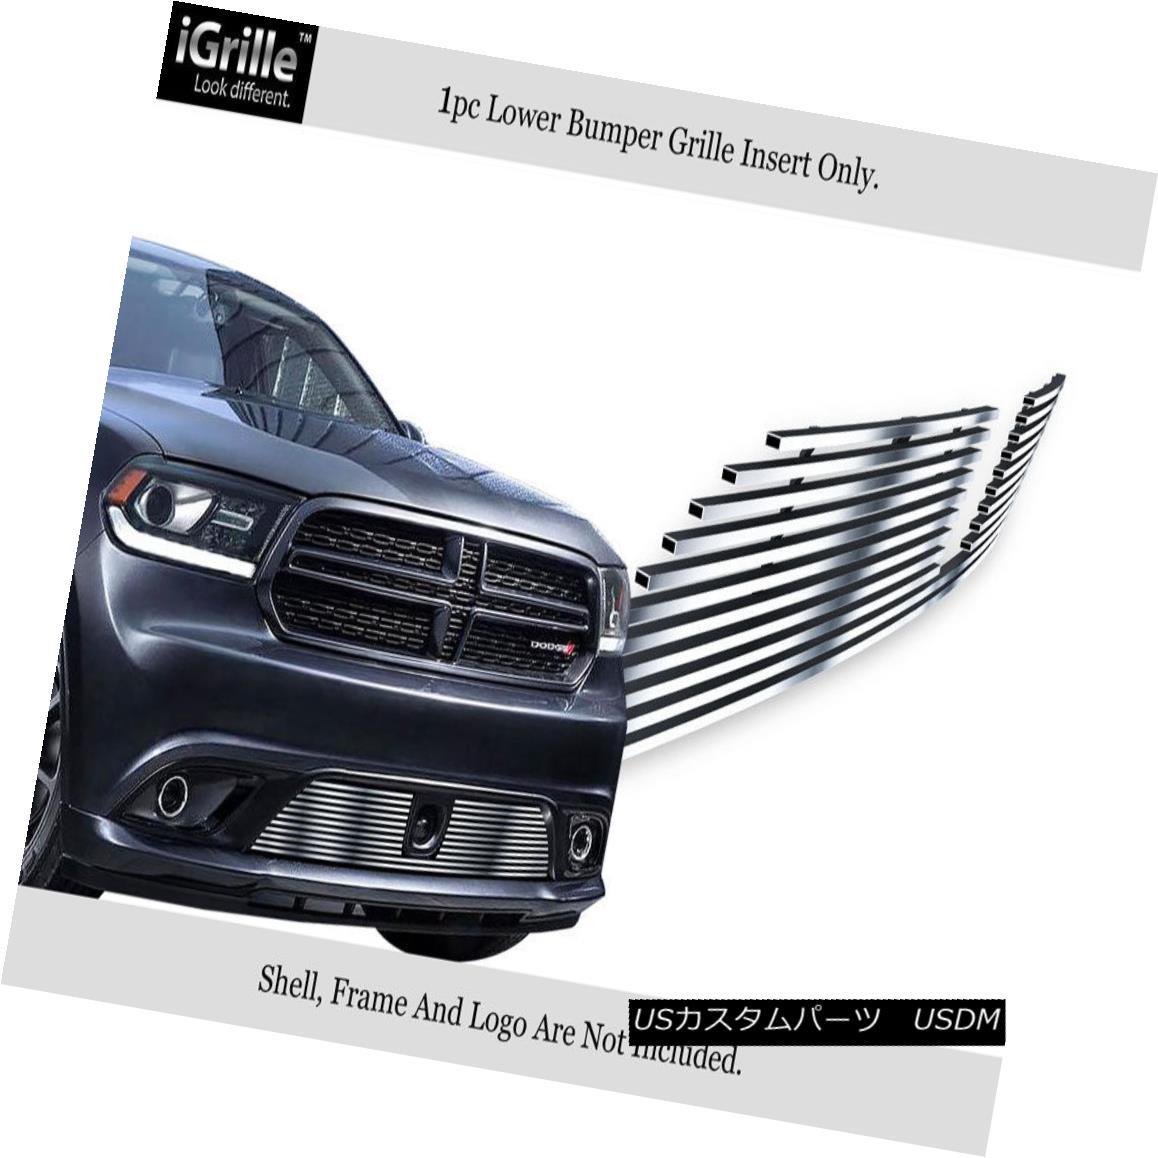 グリル Fits 2014-2018 Dodge Durango W/Adapter Control Stainless Bumper Billet Grille フィット2014-2018ダッジデュランゴW /アダプターコントロールステンレスバンパービレットグリル